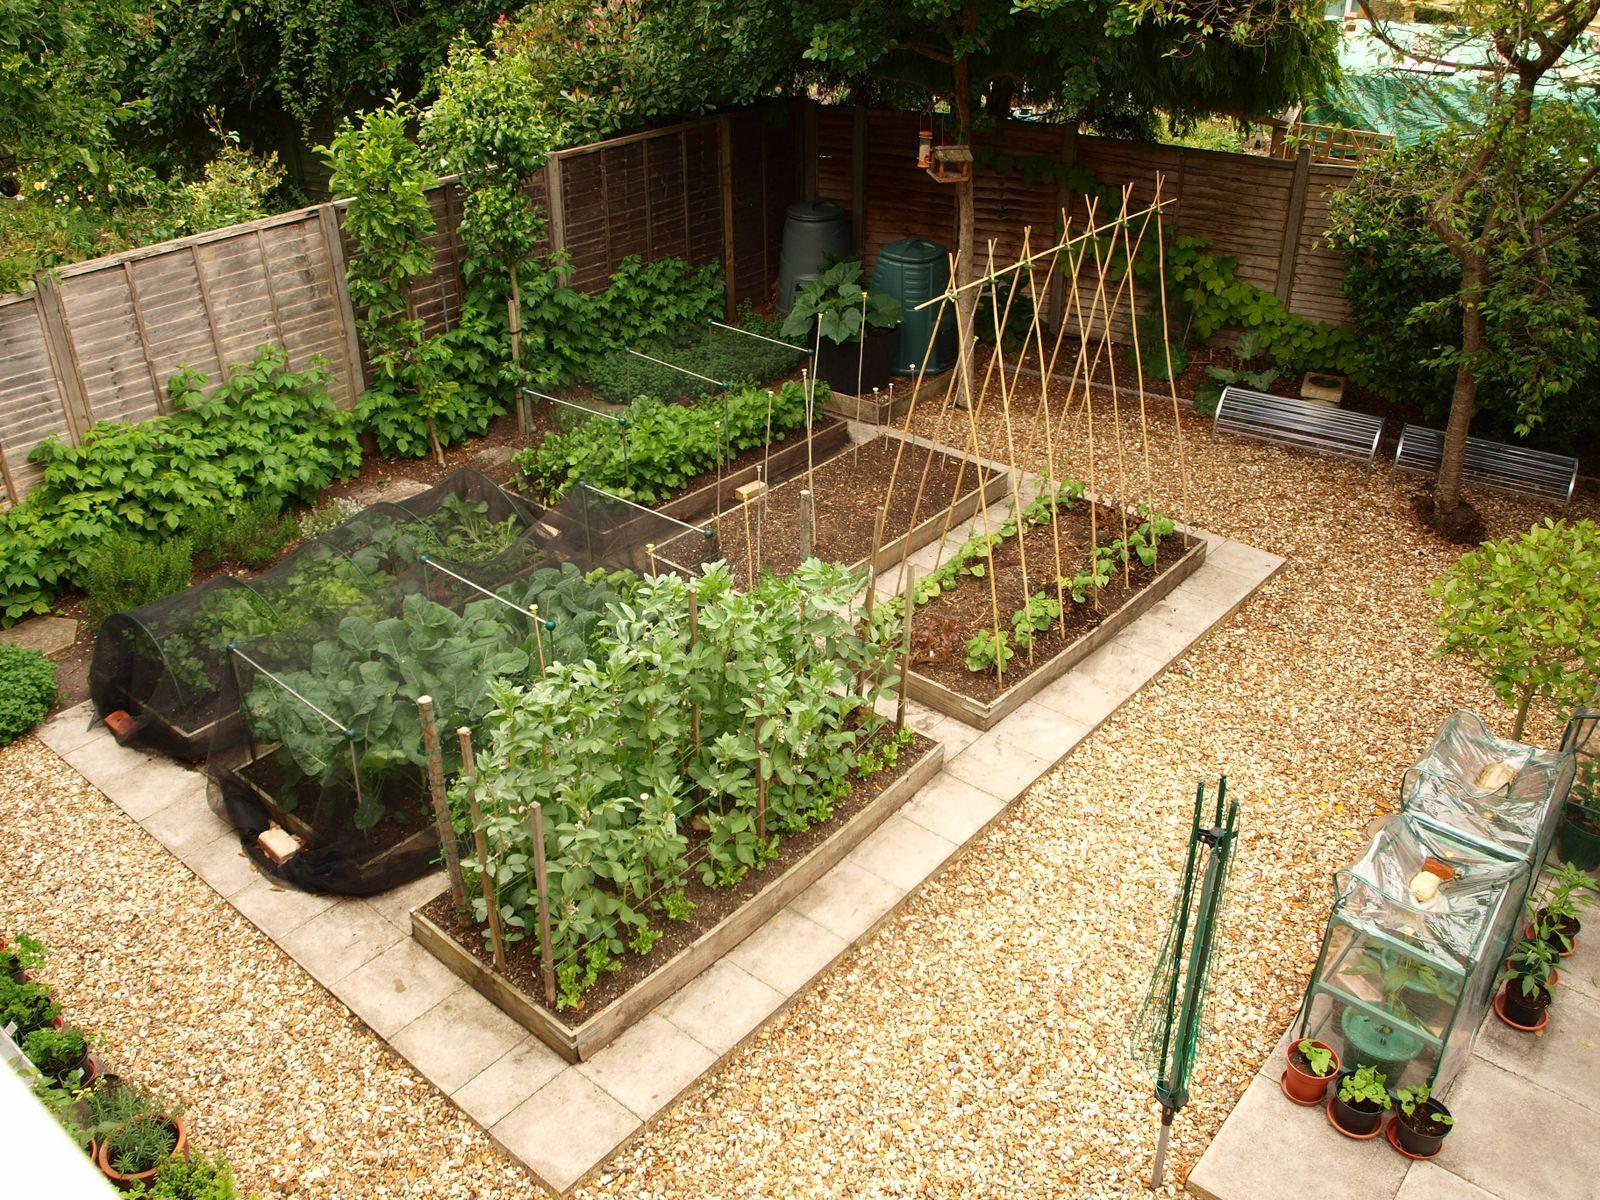 изгибом нужно как распланировать огород и сад фото рассказывают смелости, борьбе